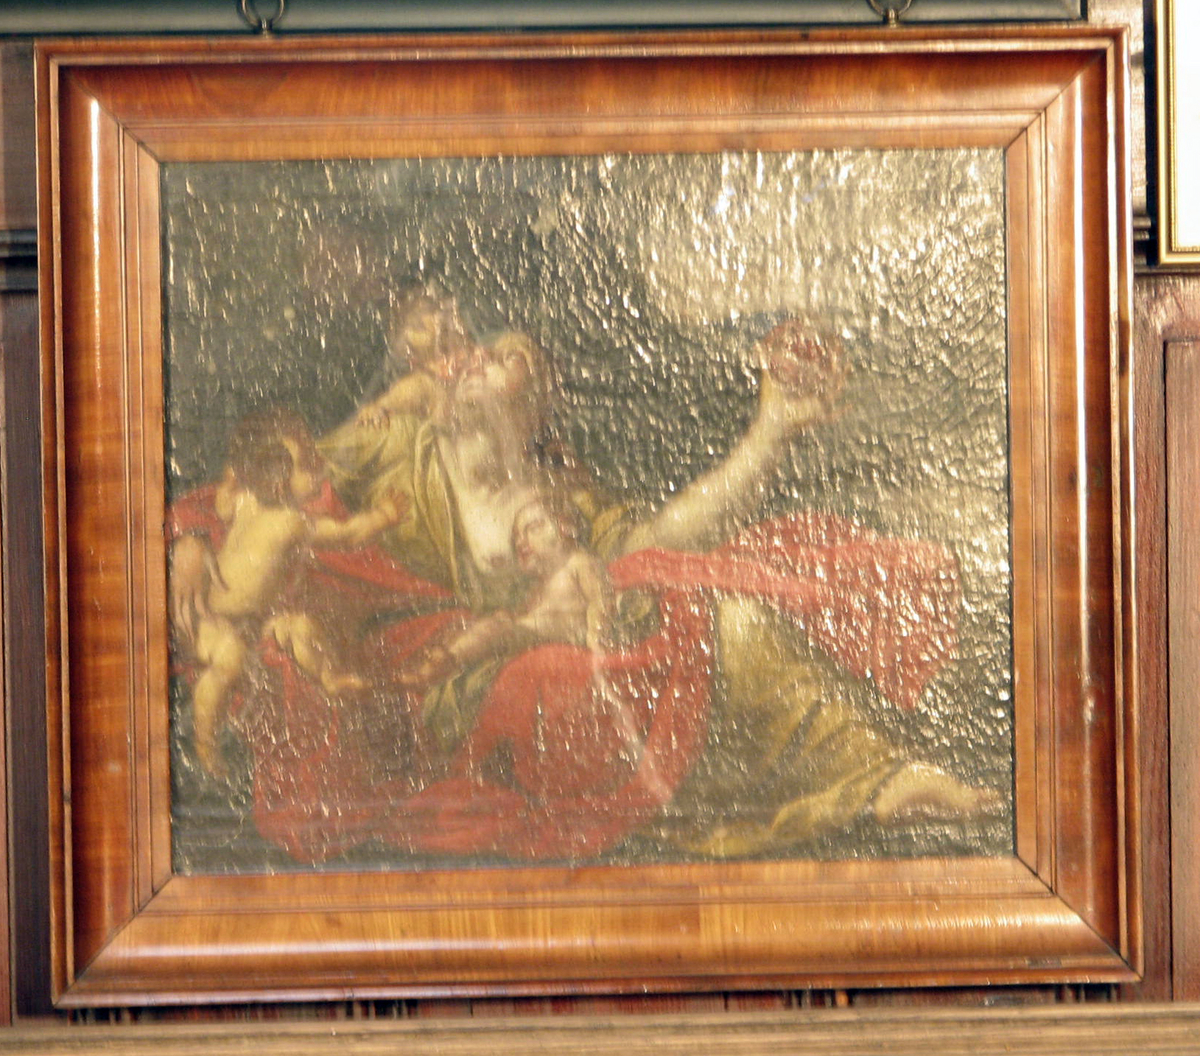 Rektangulært. Liggende kv., hodet bøyd bakover, rødt og gulbrunt draperi; 3 nakne barn omkr.; i bakgr. landskap; mørkt.